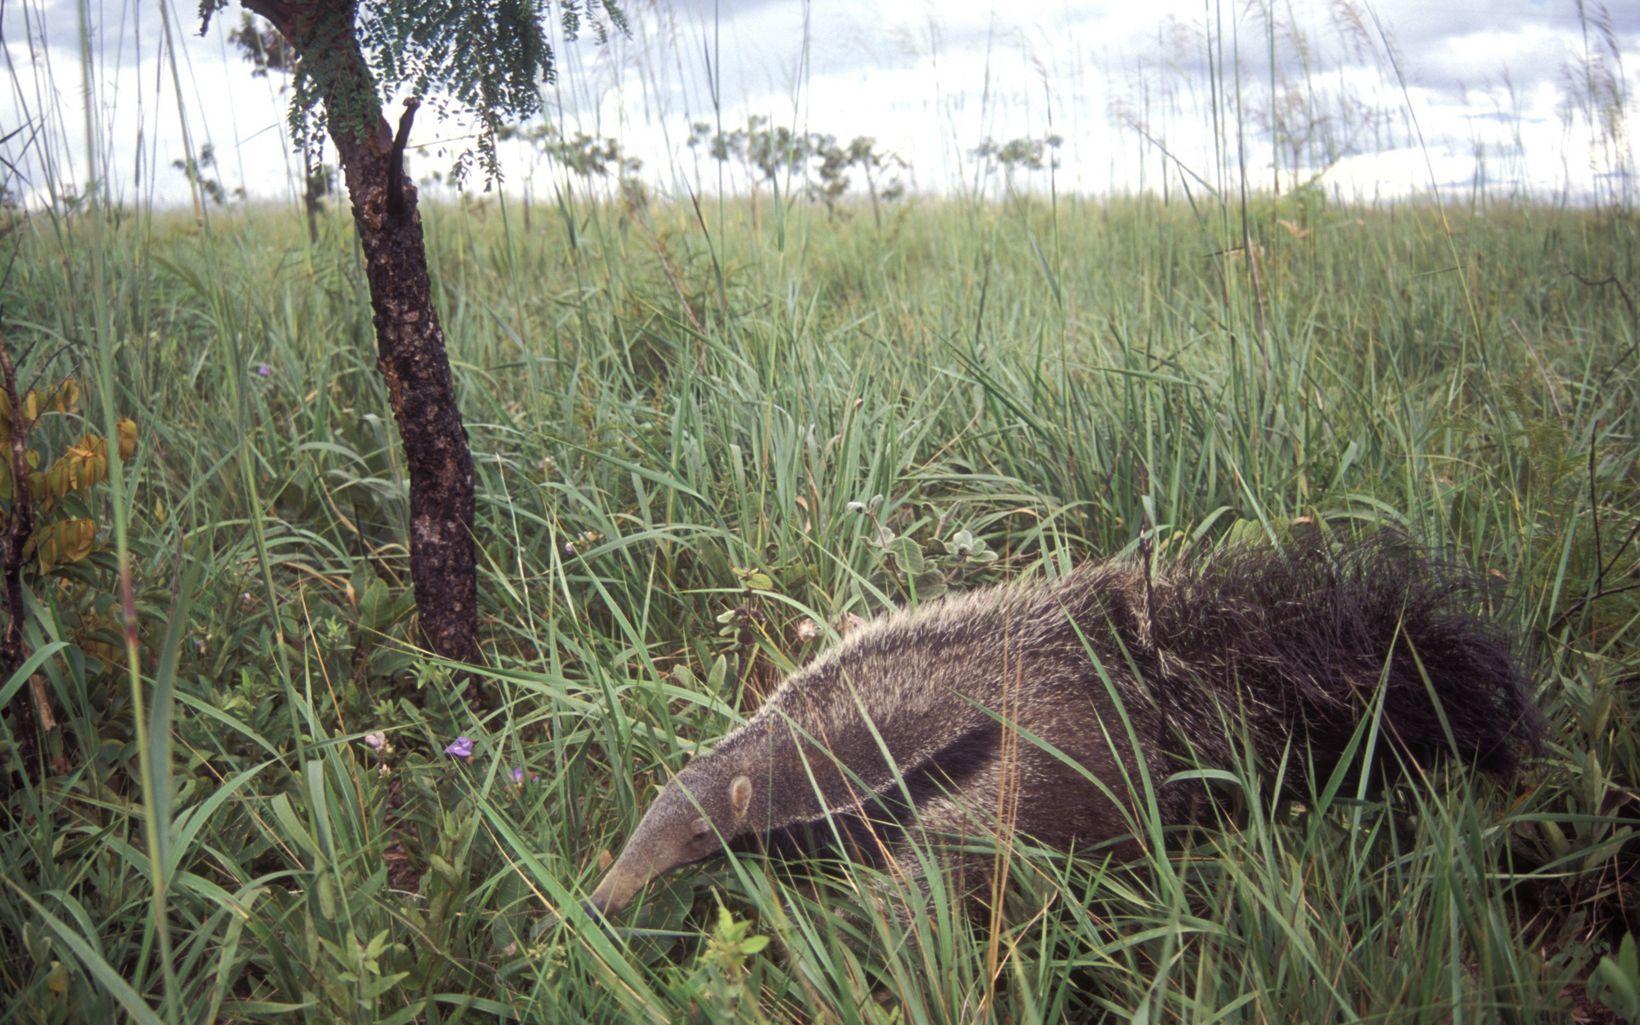 O Cerrado abriga uma grande diversidade de espécies, como o Tamanduá.